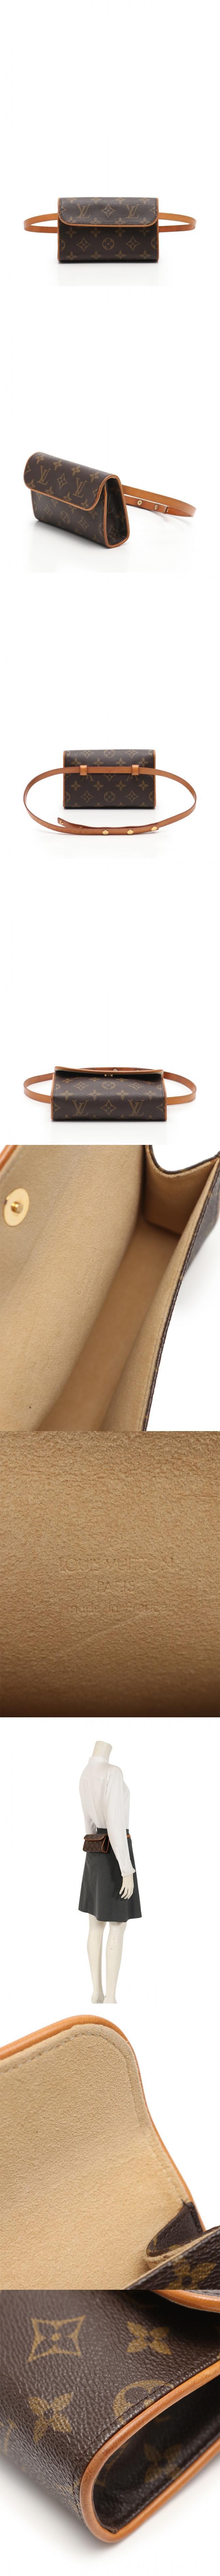 ボディバッグ ウエストポーチ ポシェットフロランティーヌ モノグラム 茶 M51855 PVC レザー ブトンプレッション(XS)付